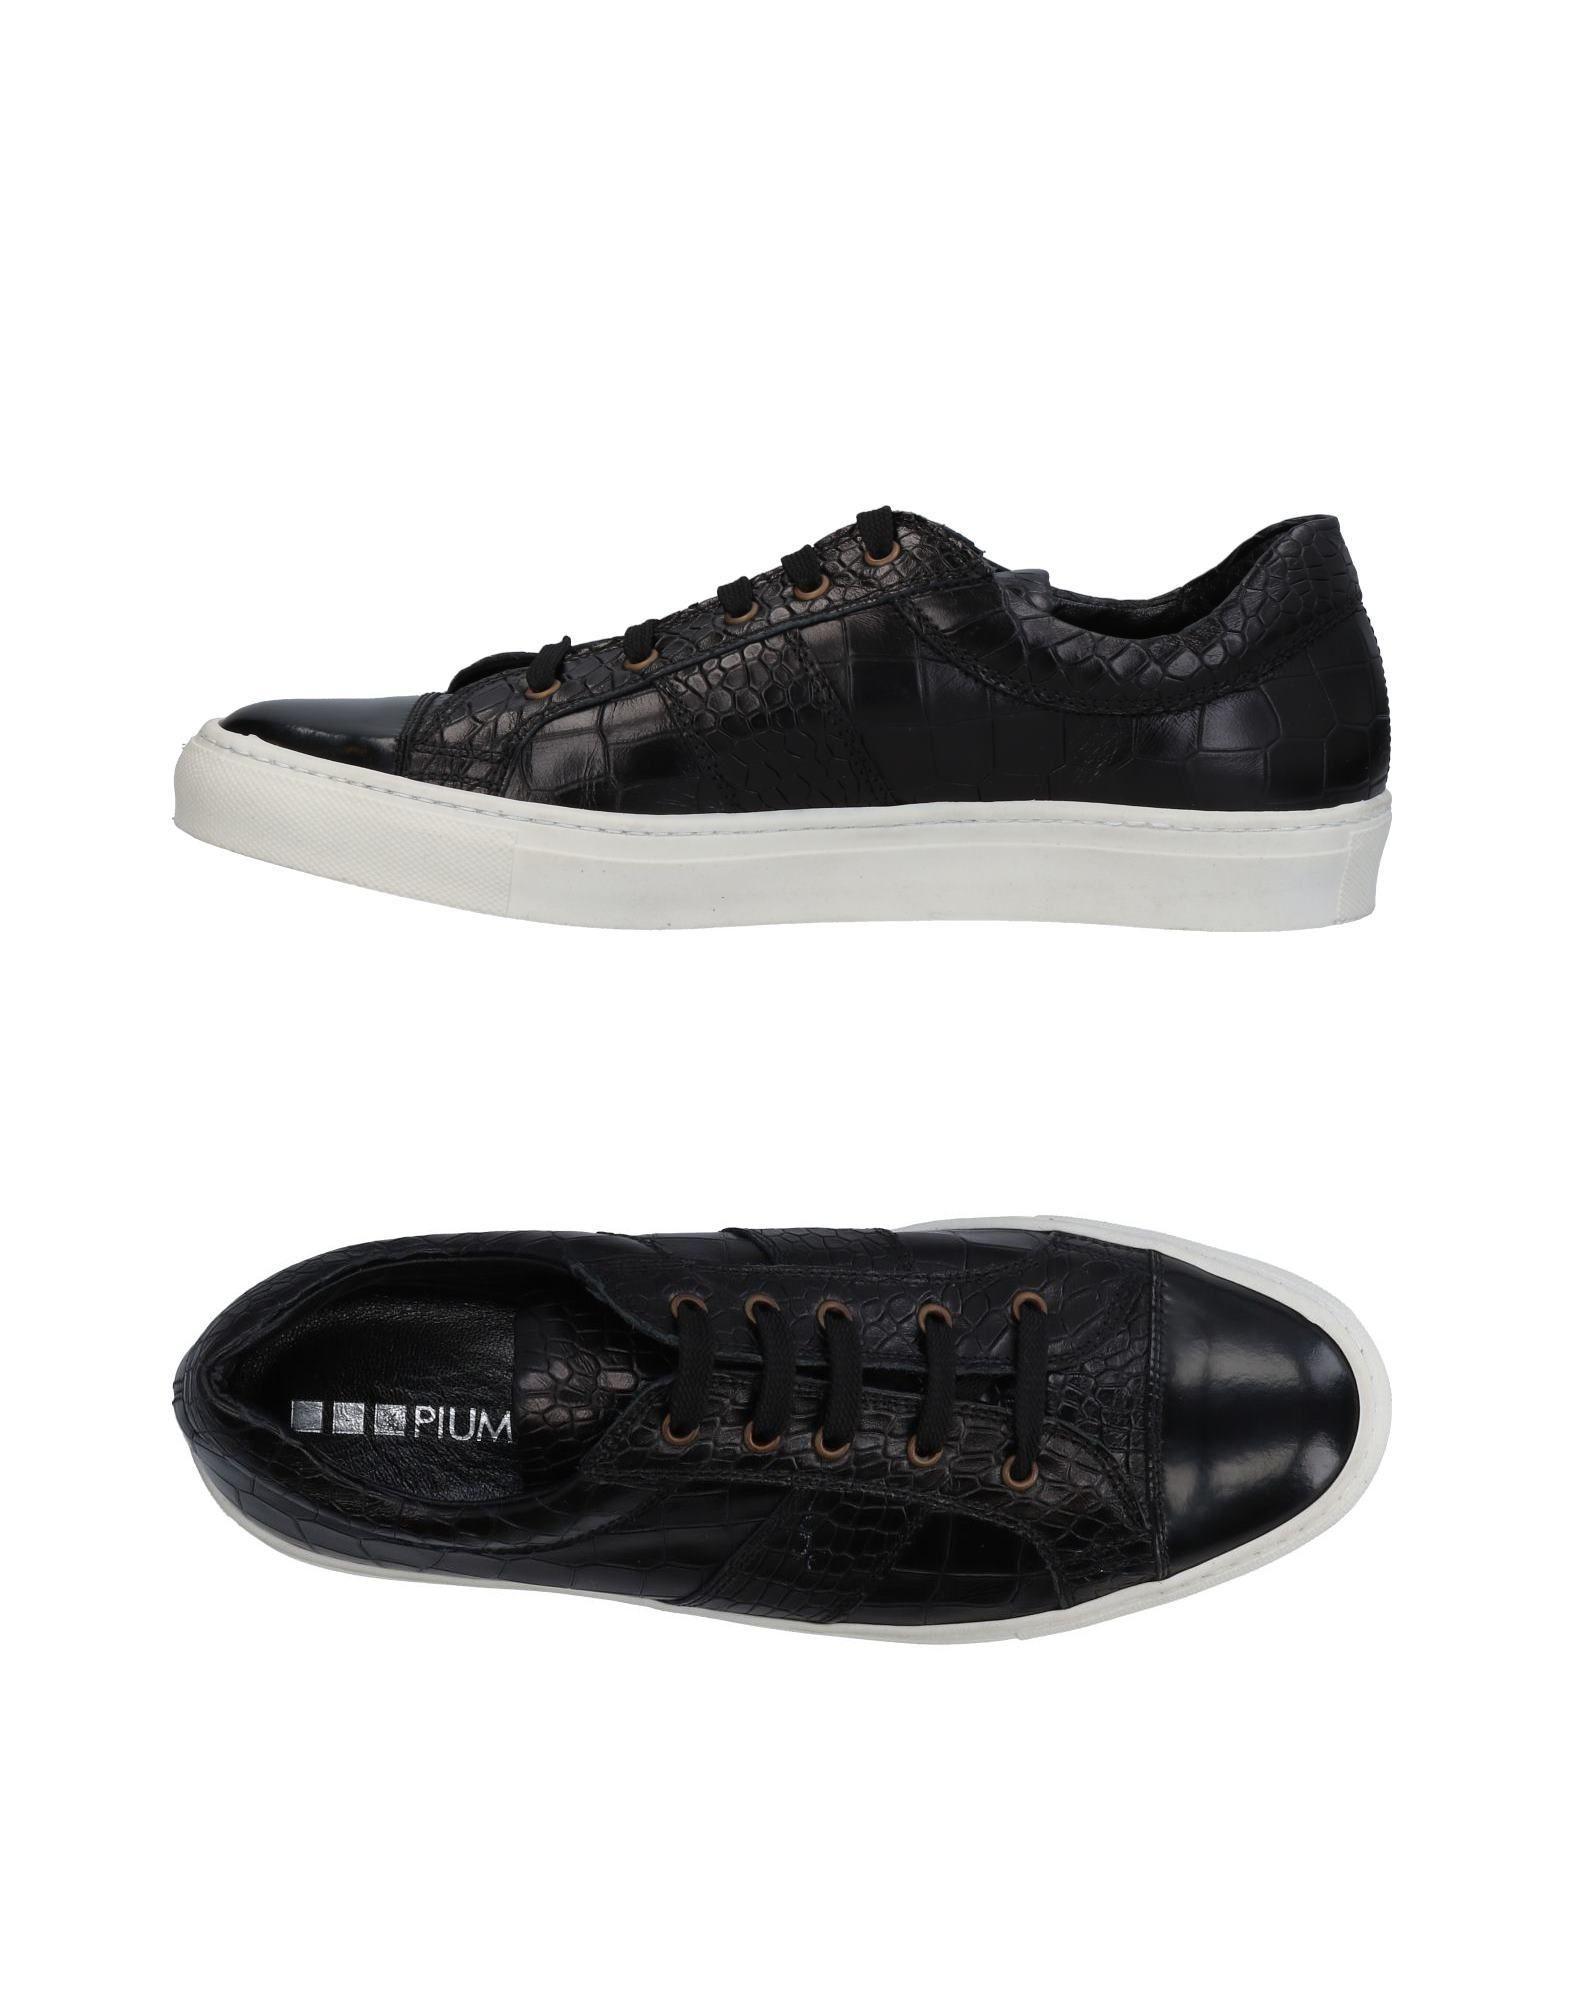 FOOTWEAR - Low-tops & sneakers Piumi pR69U